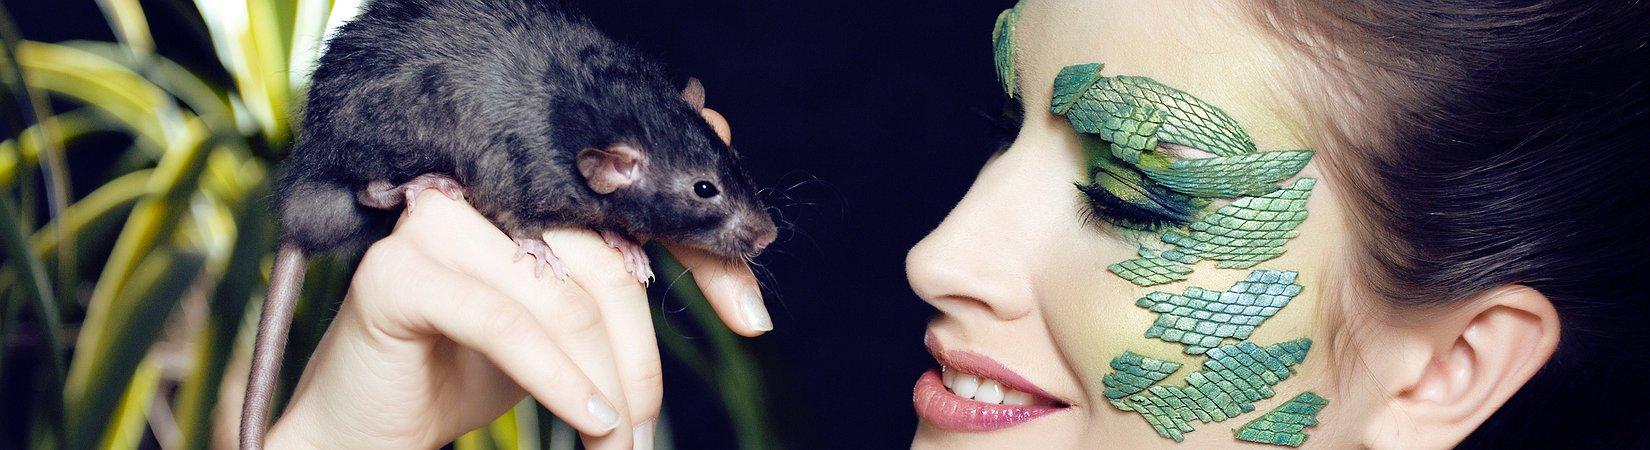 Cuando convertí ratones en corredores de bolsa